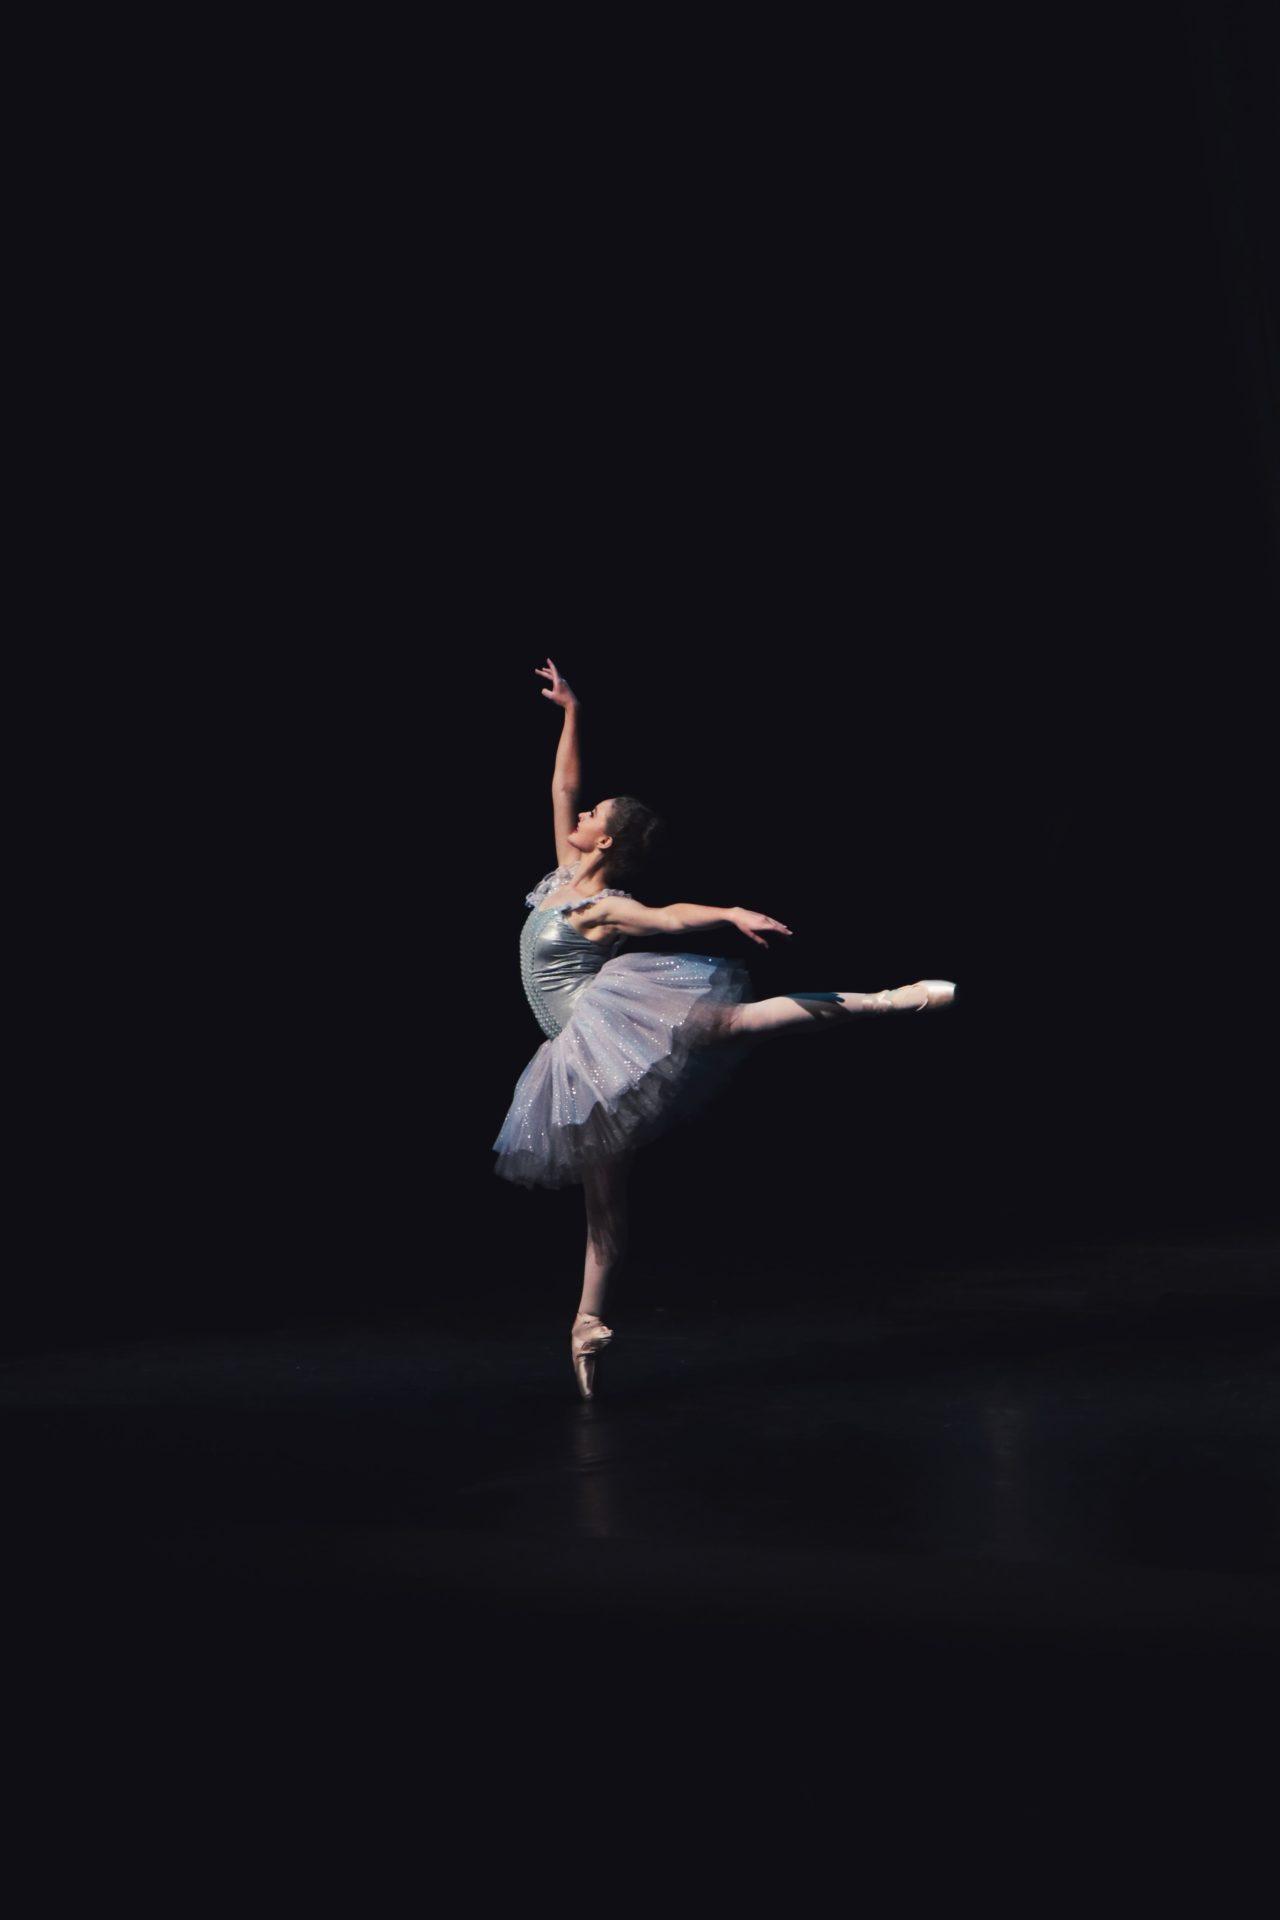 完璧な姿勢で踊るバレリーナ